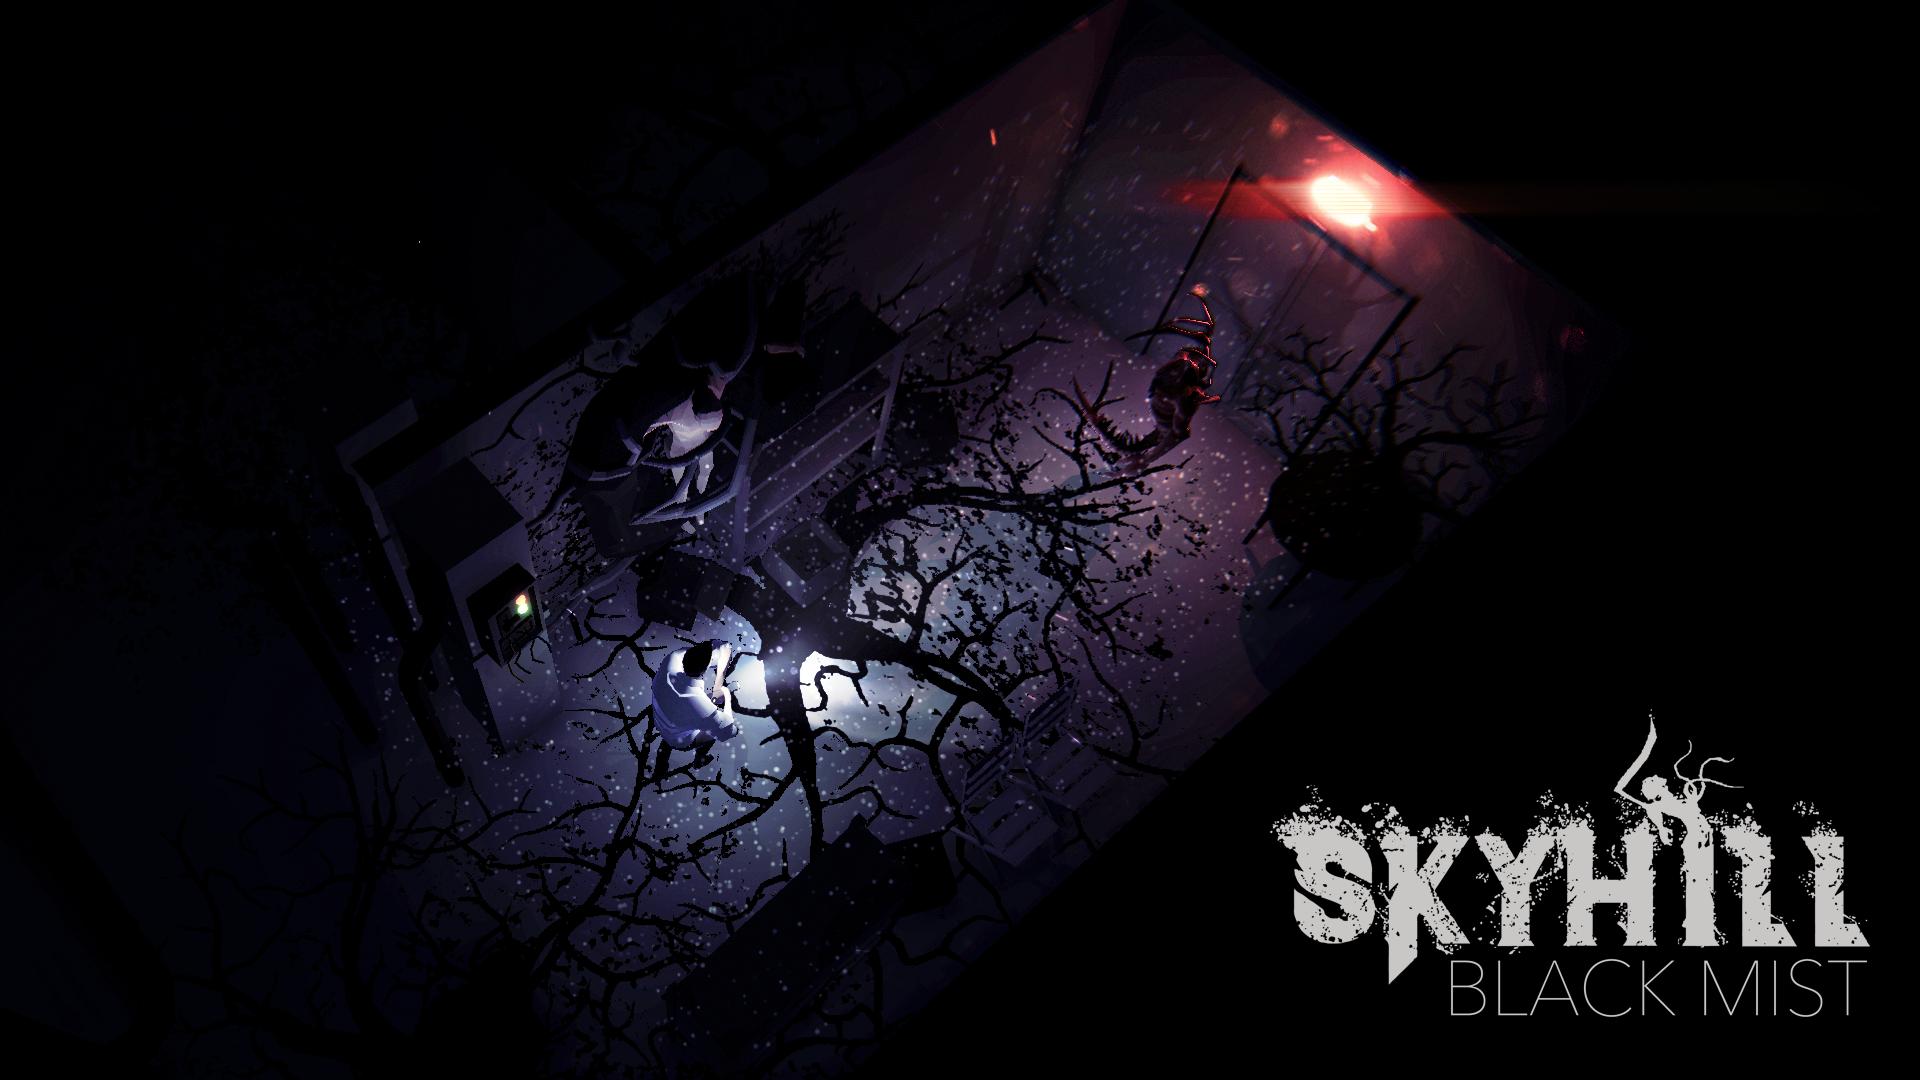 skyhill black mist video game wallpaper 71616